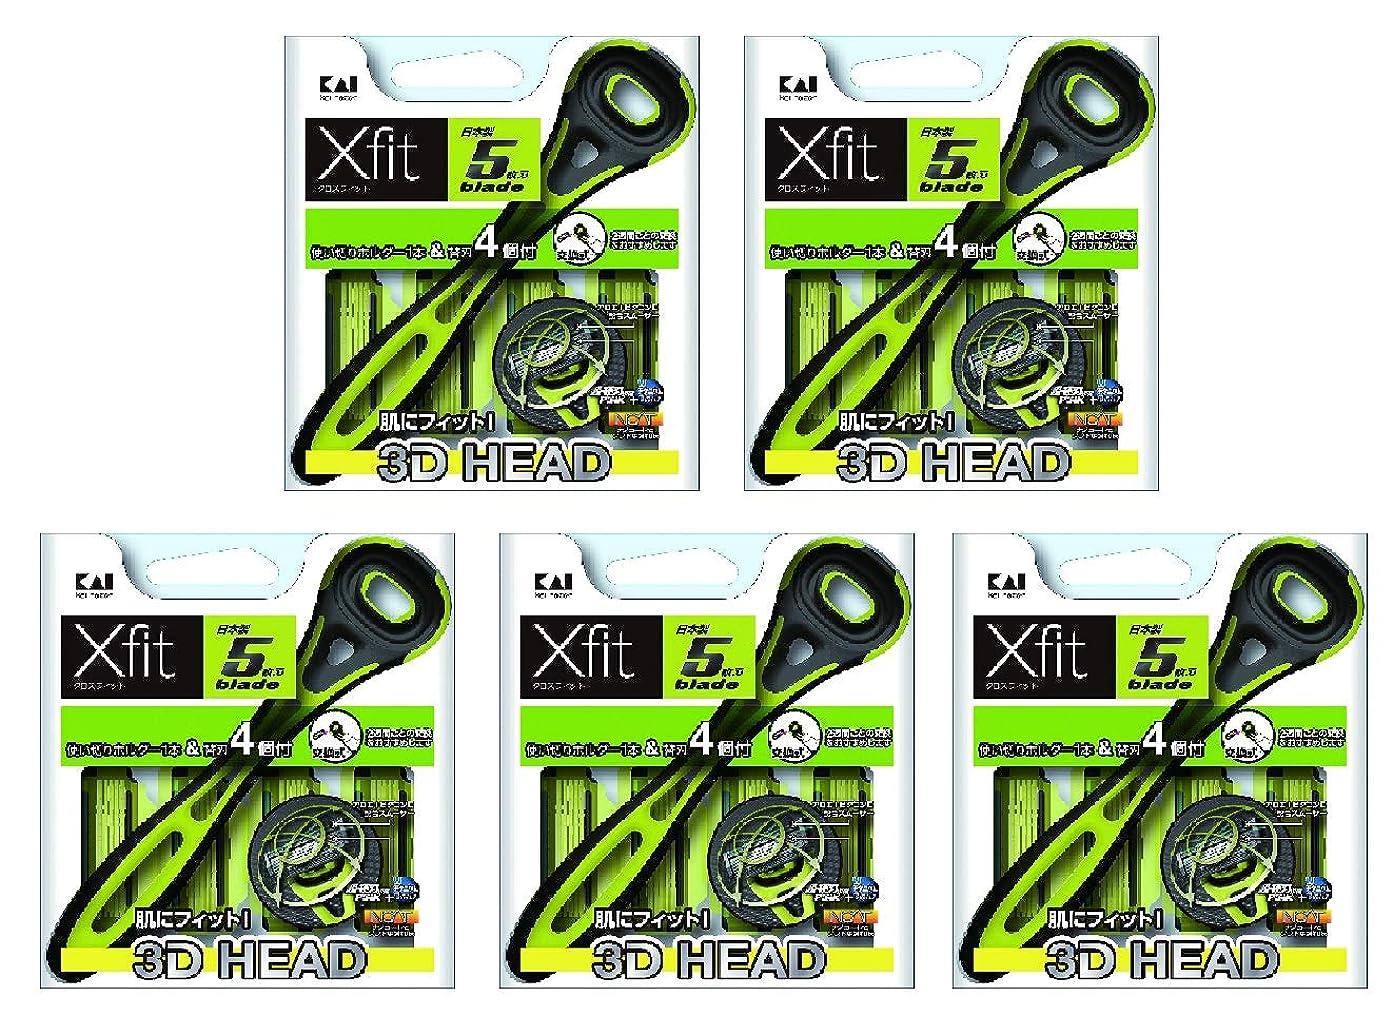 衰える計画露出度の高いXfit(クロスフィット)5枚刃 クリアパッケージ 使い切りホルダー+替刃4個【×5セット】